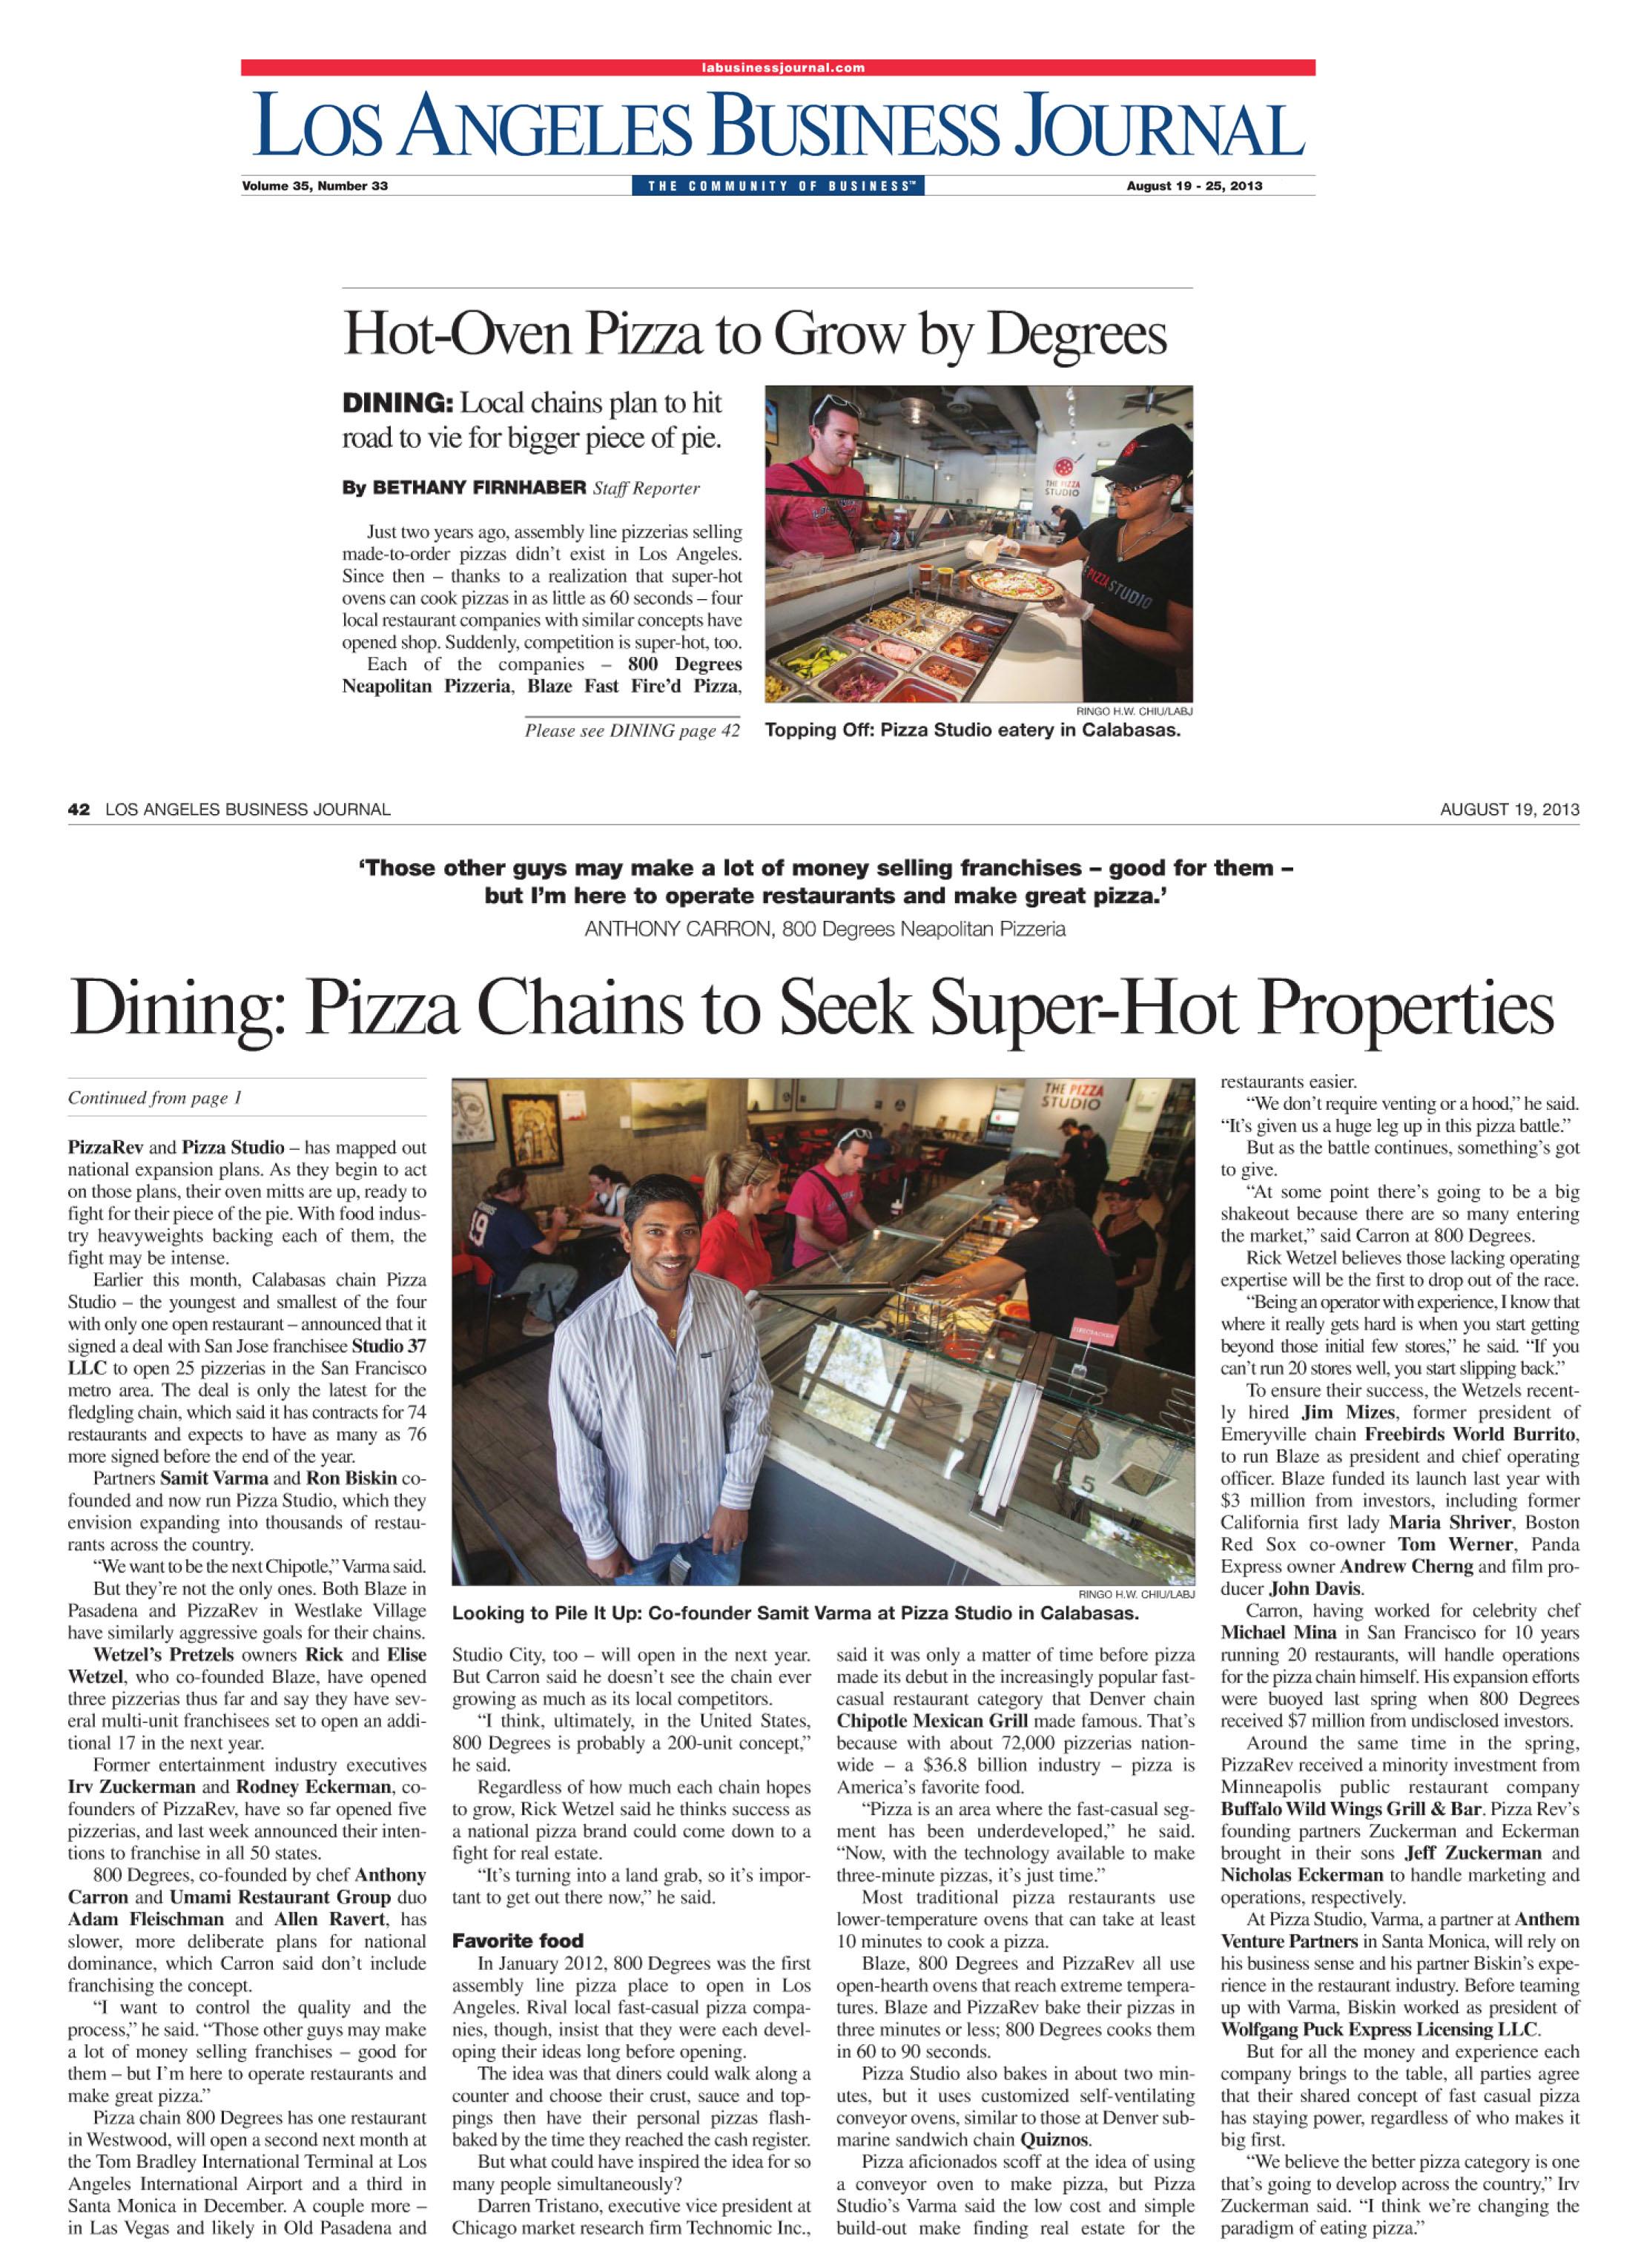 LA Business Journal last week.